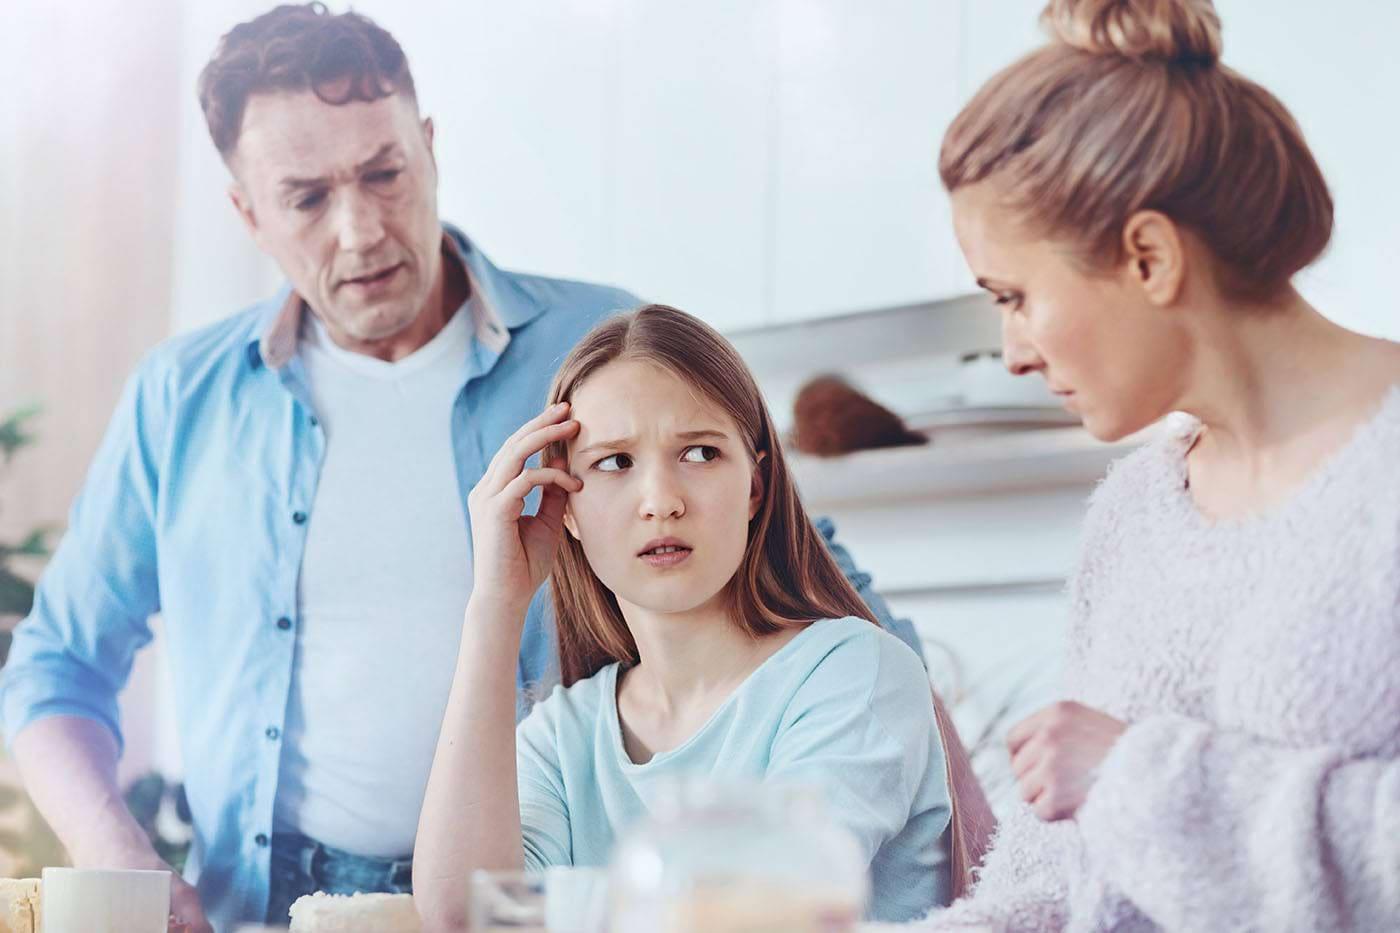 O copilărie fericită nu garantează o sănătate mentală bună la maturitate [studiu]